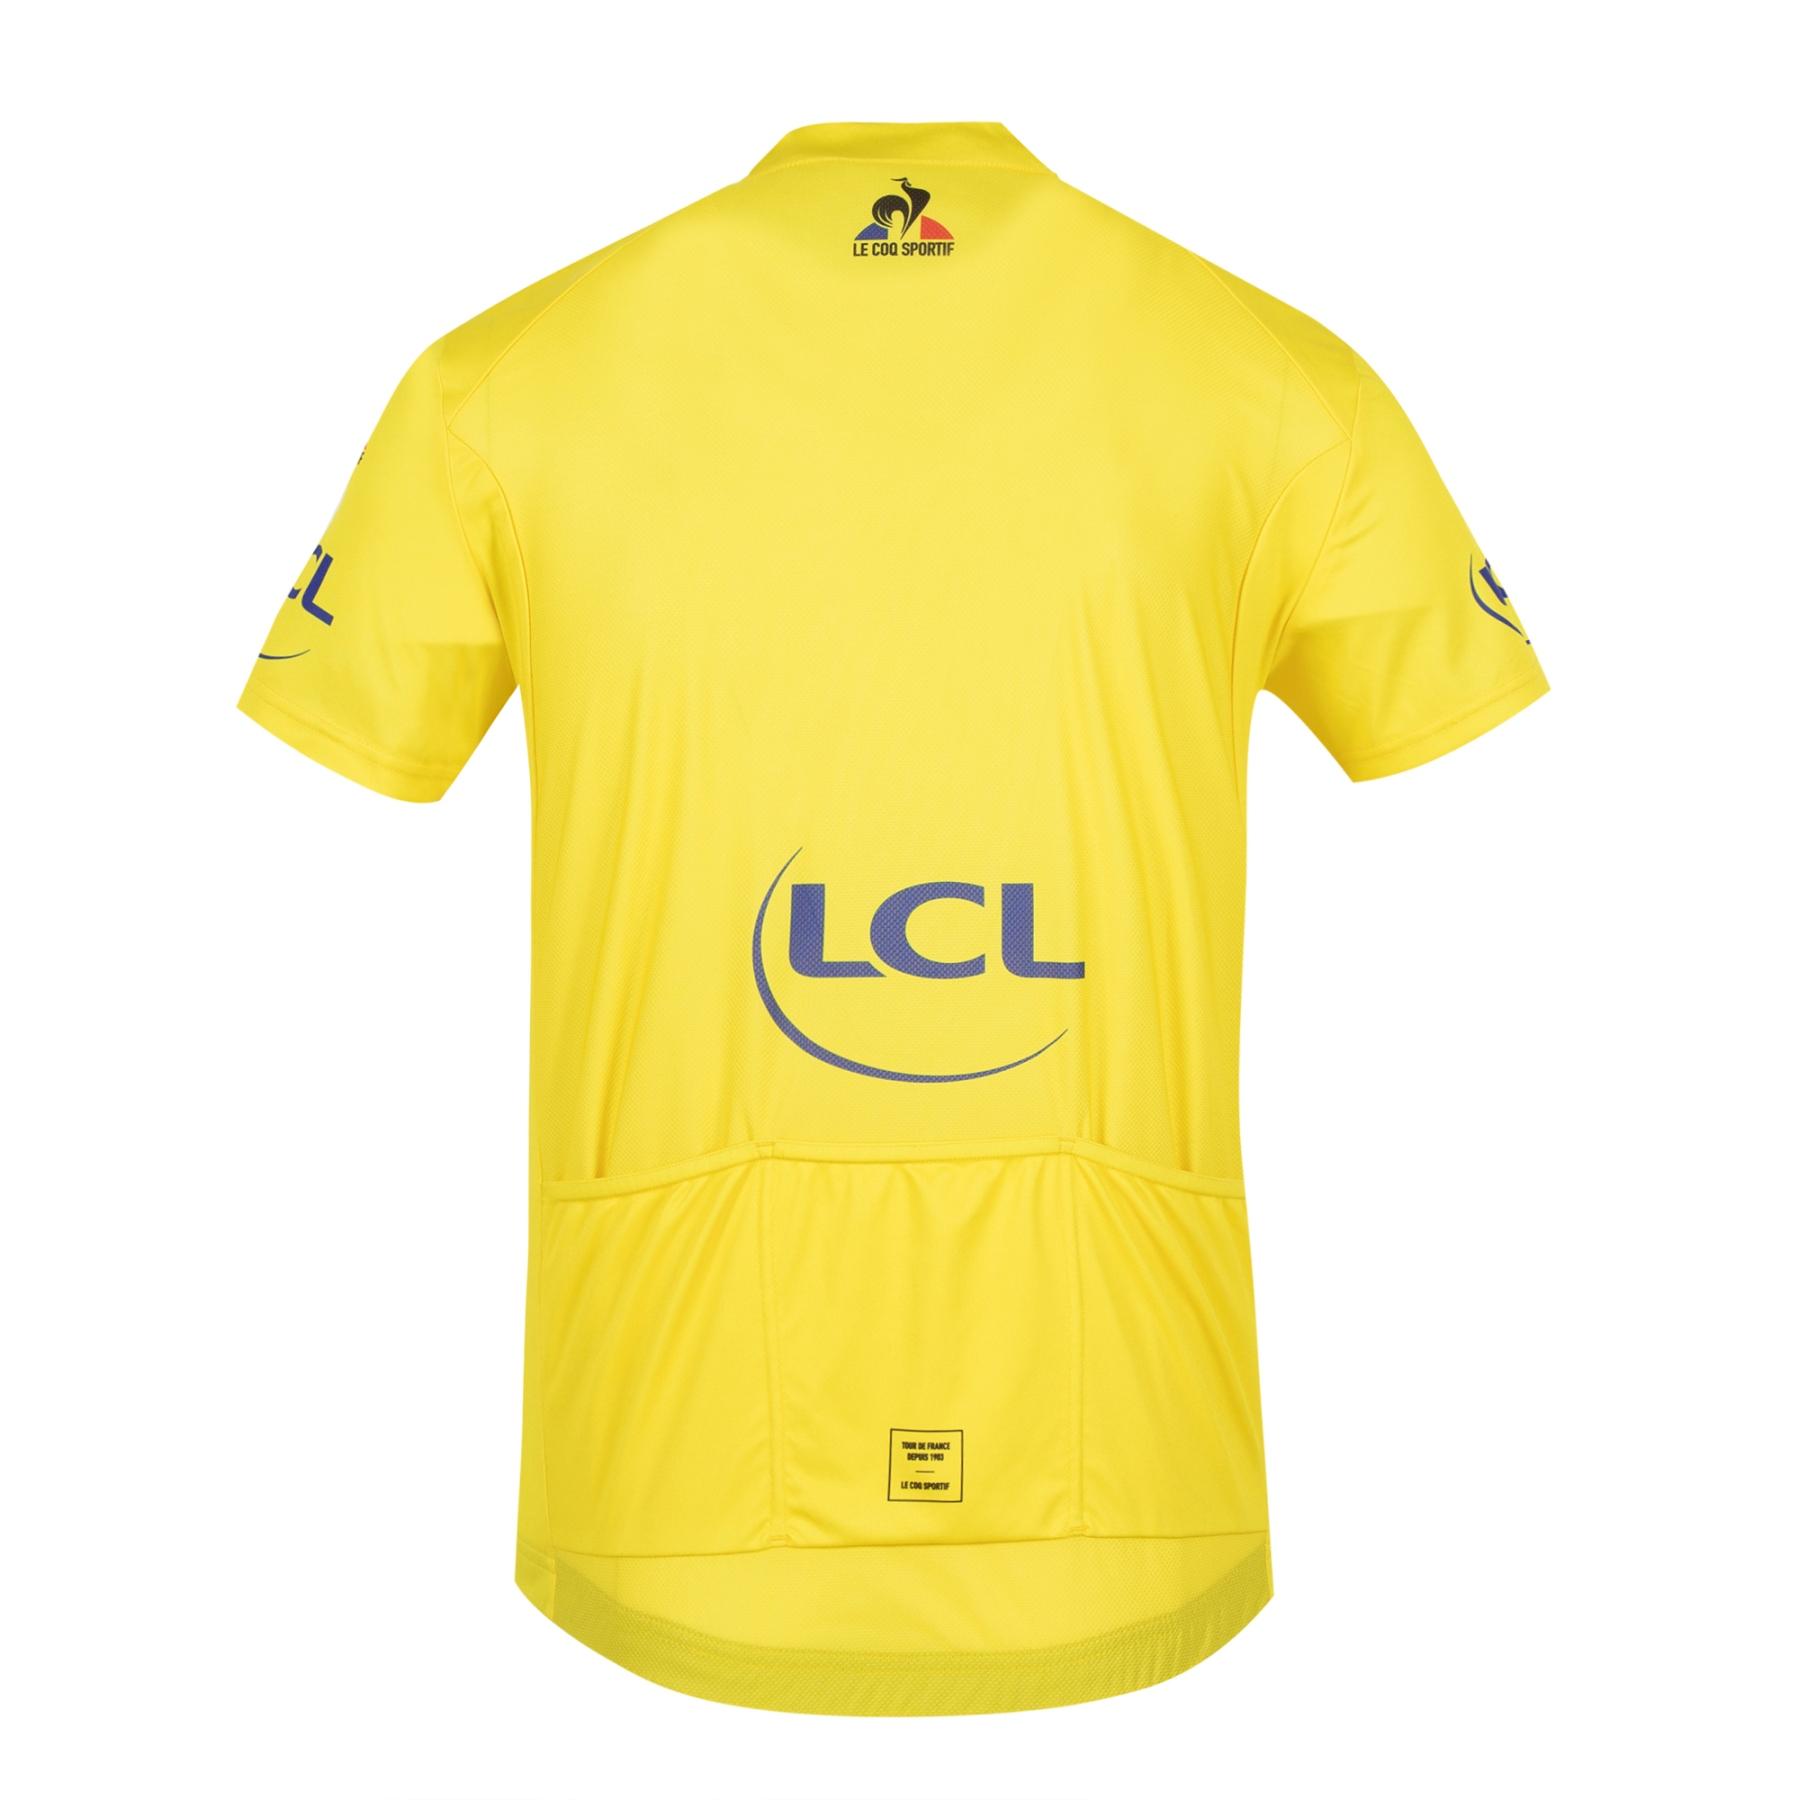 Bild von Le Coq Sportif Tour de France™ 2021 Collection Replica Kurzarm-Trikot - Gelb - Ziel